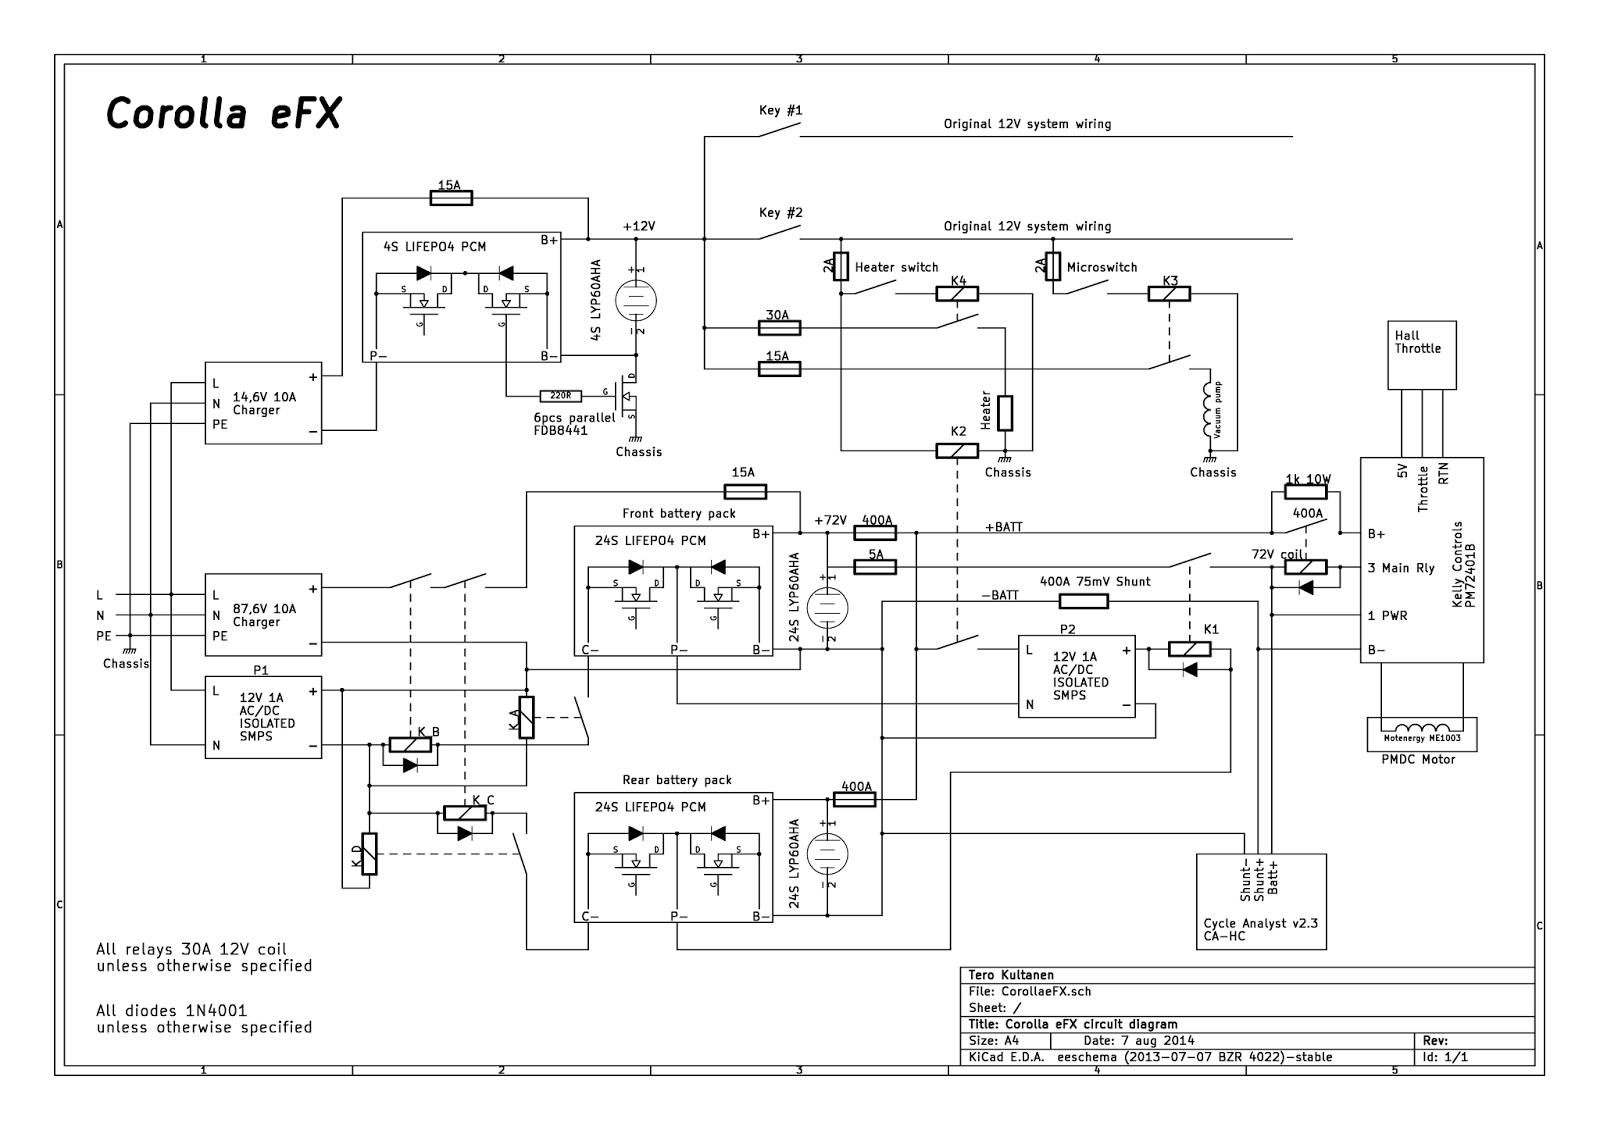 ge rr7 wiring diagram ge wiring diagram free